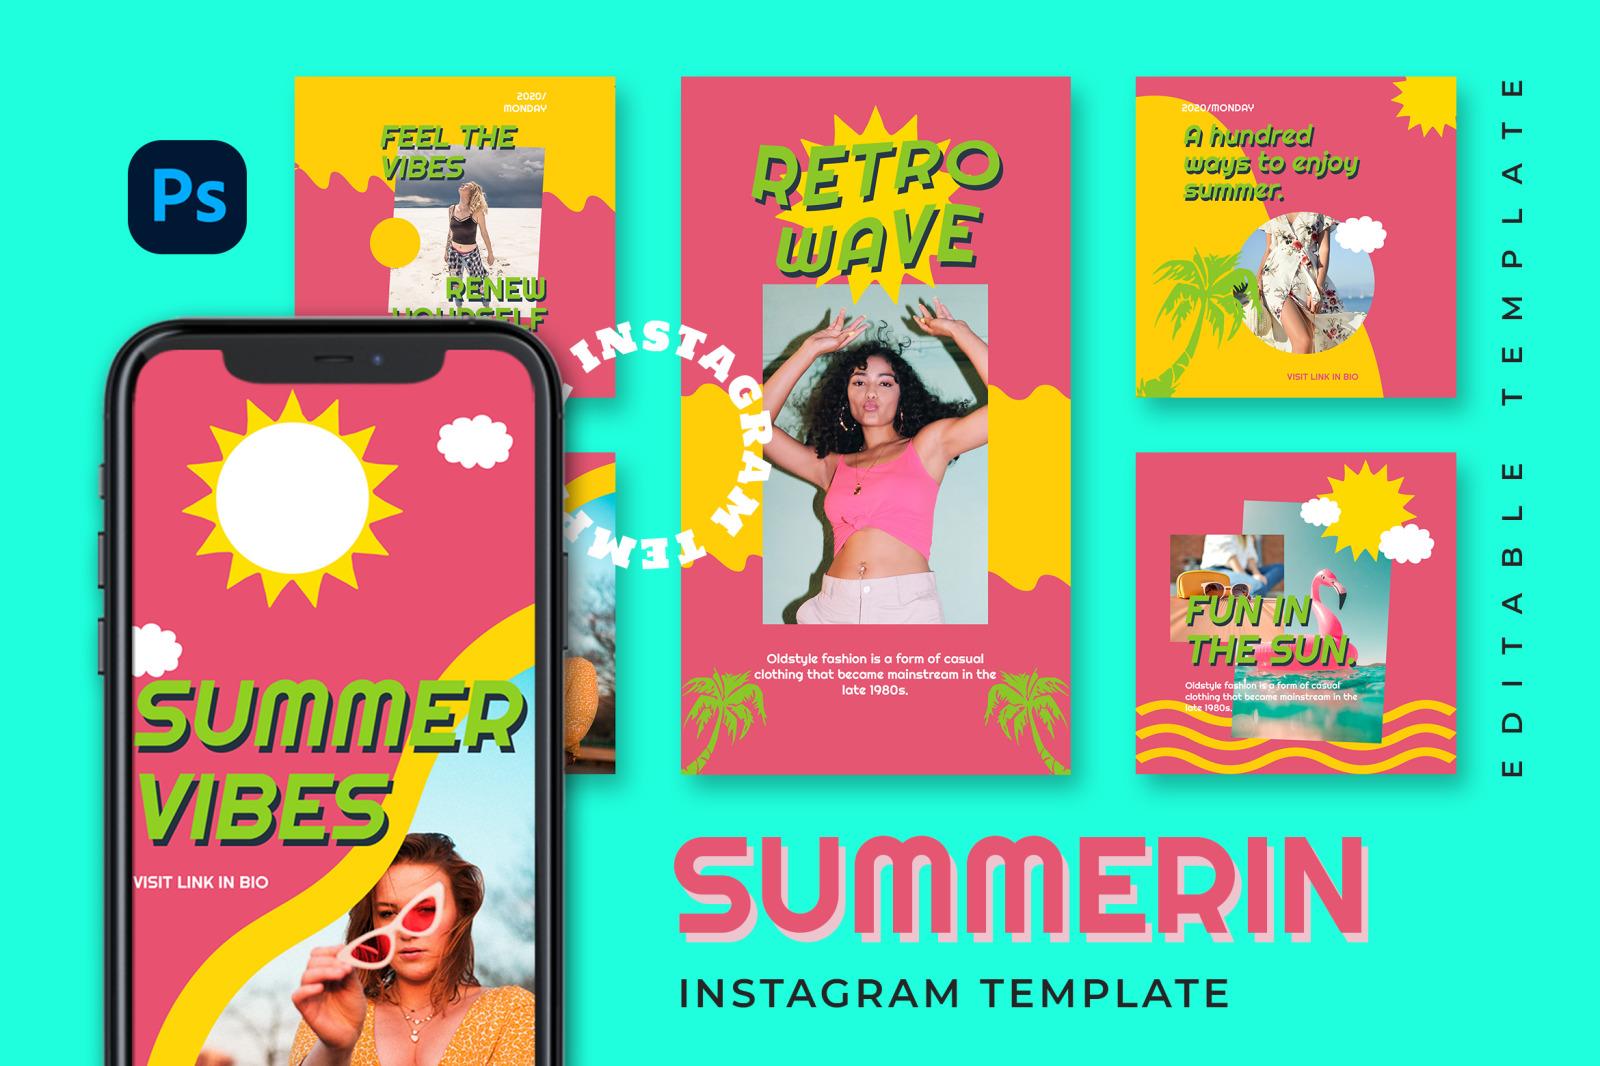 Summerin Instagram Template